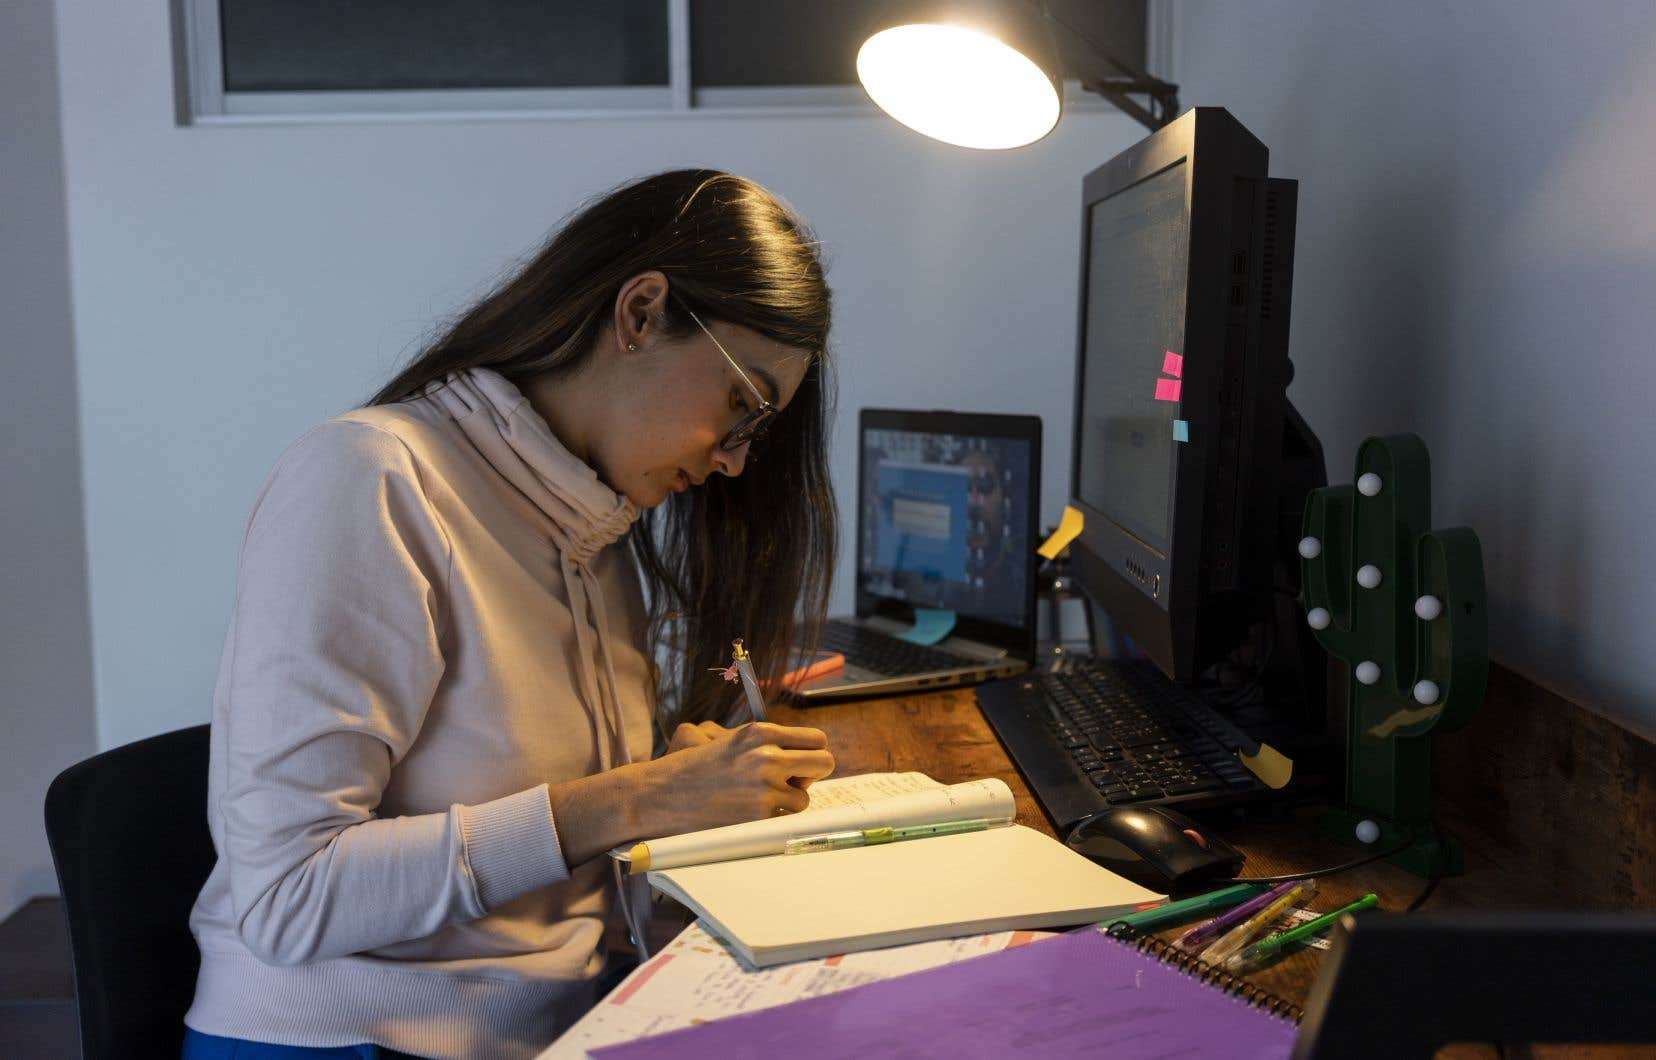 «Le cheminement universitaire se trouve réduit à une progression solitaire et robotique, démunie d'échanges d'idées», pensent les signataires.